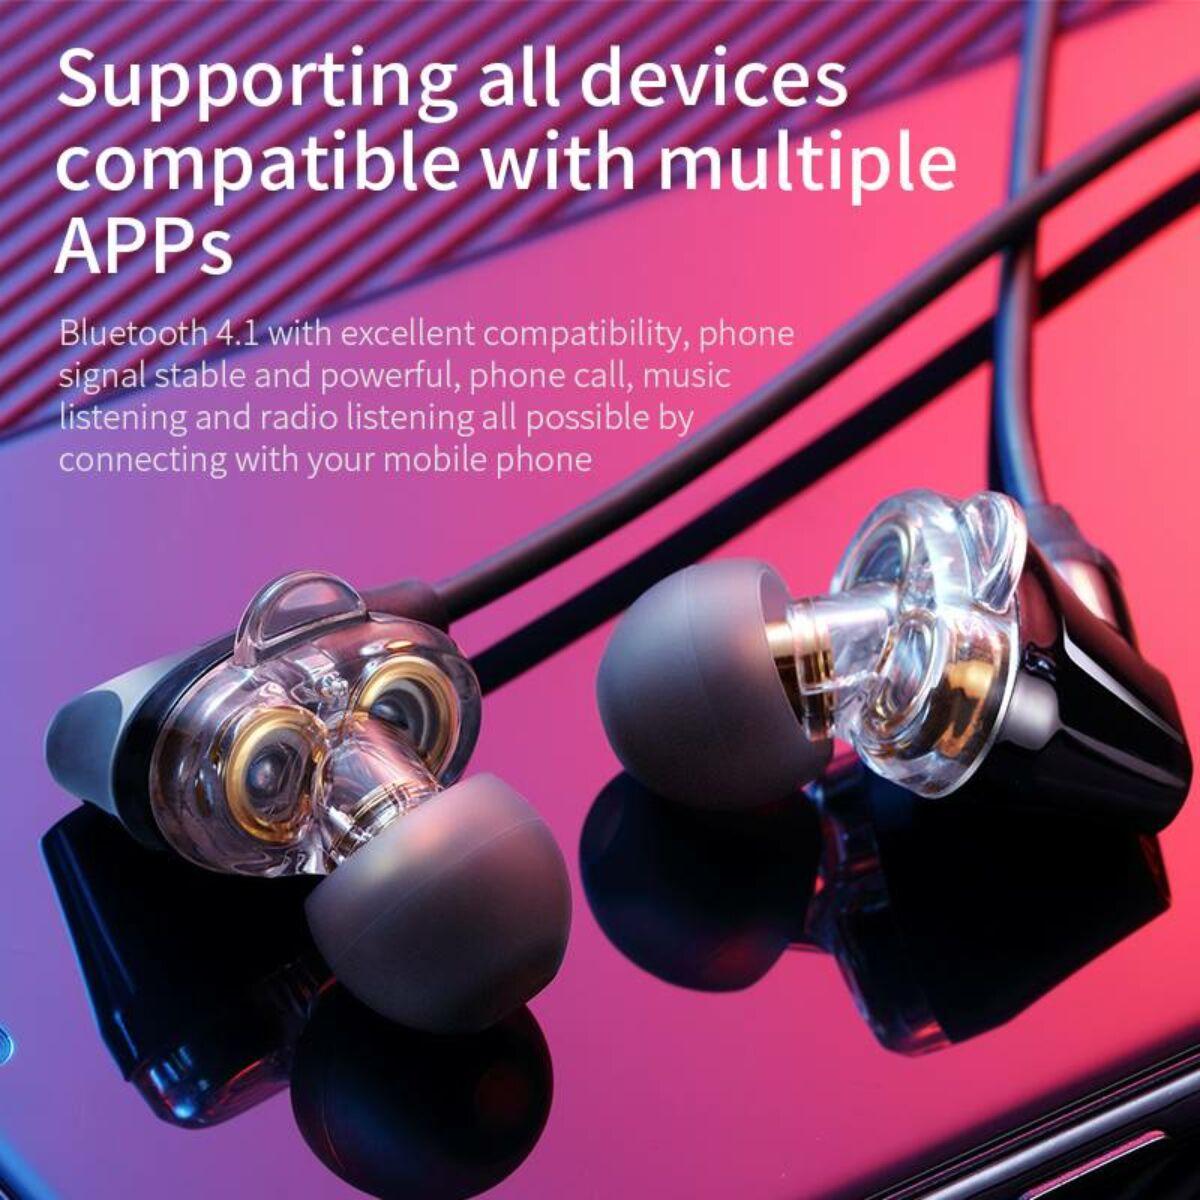 Baseus fülhallgató, Bluetooth Encok S10, Dual Moving-Coil vezeték nélküli headset, vezérlővel, fekete (NGS10-01)